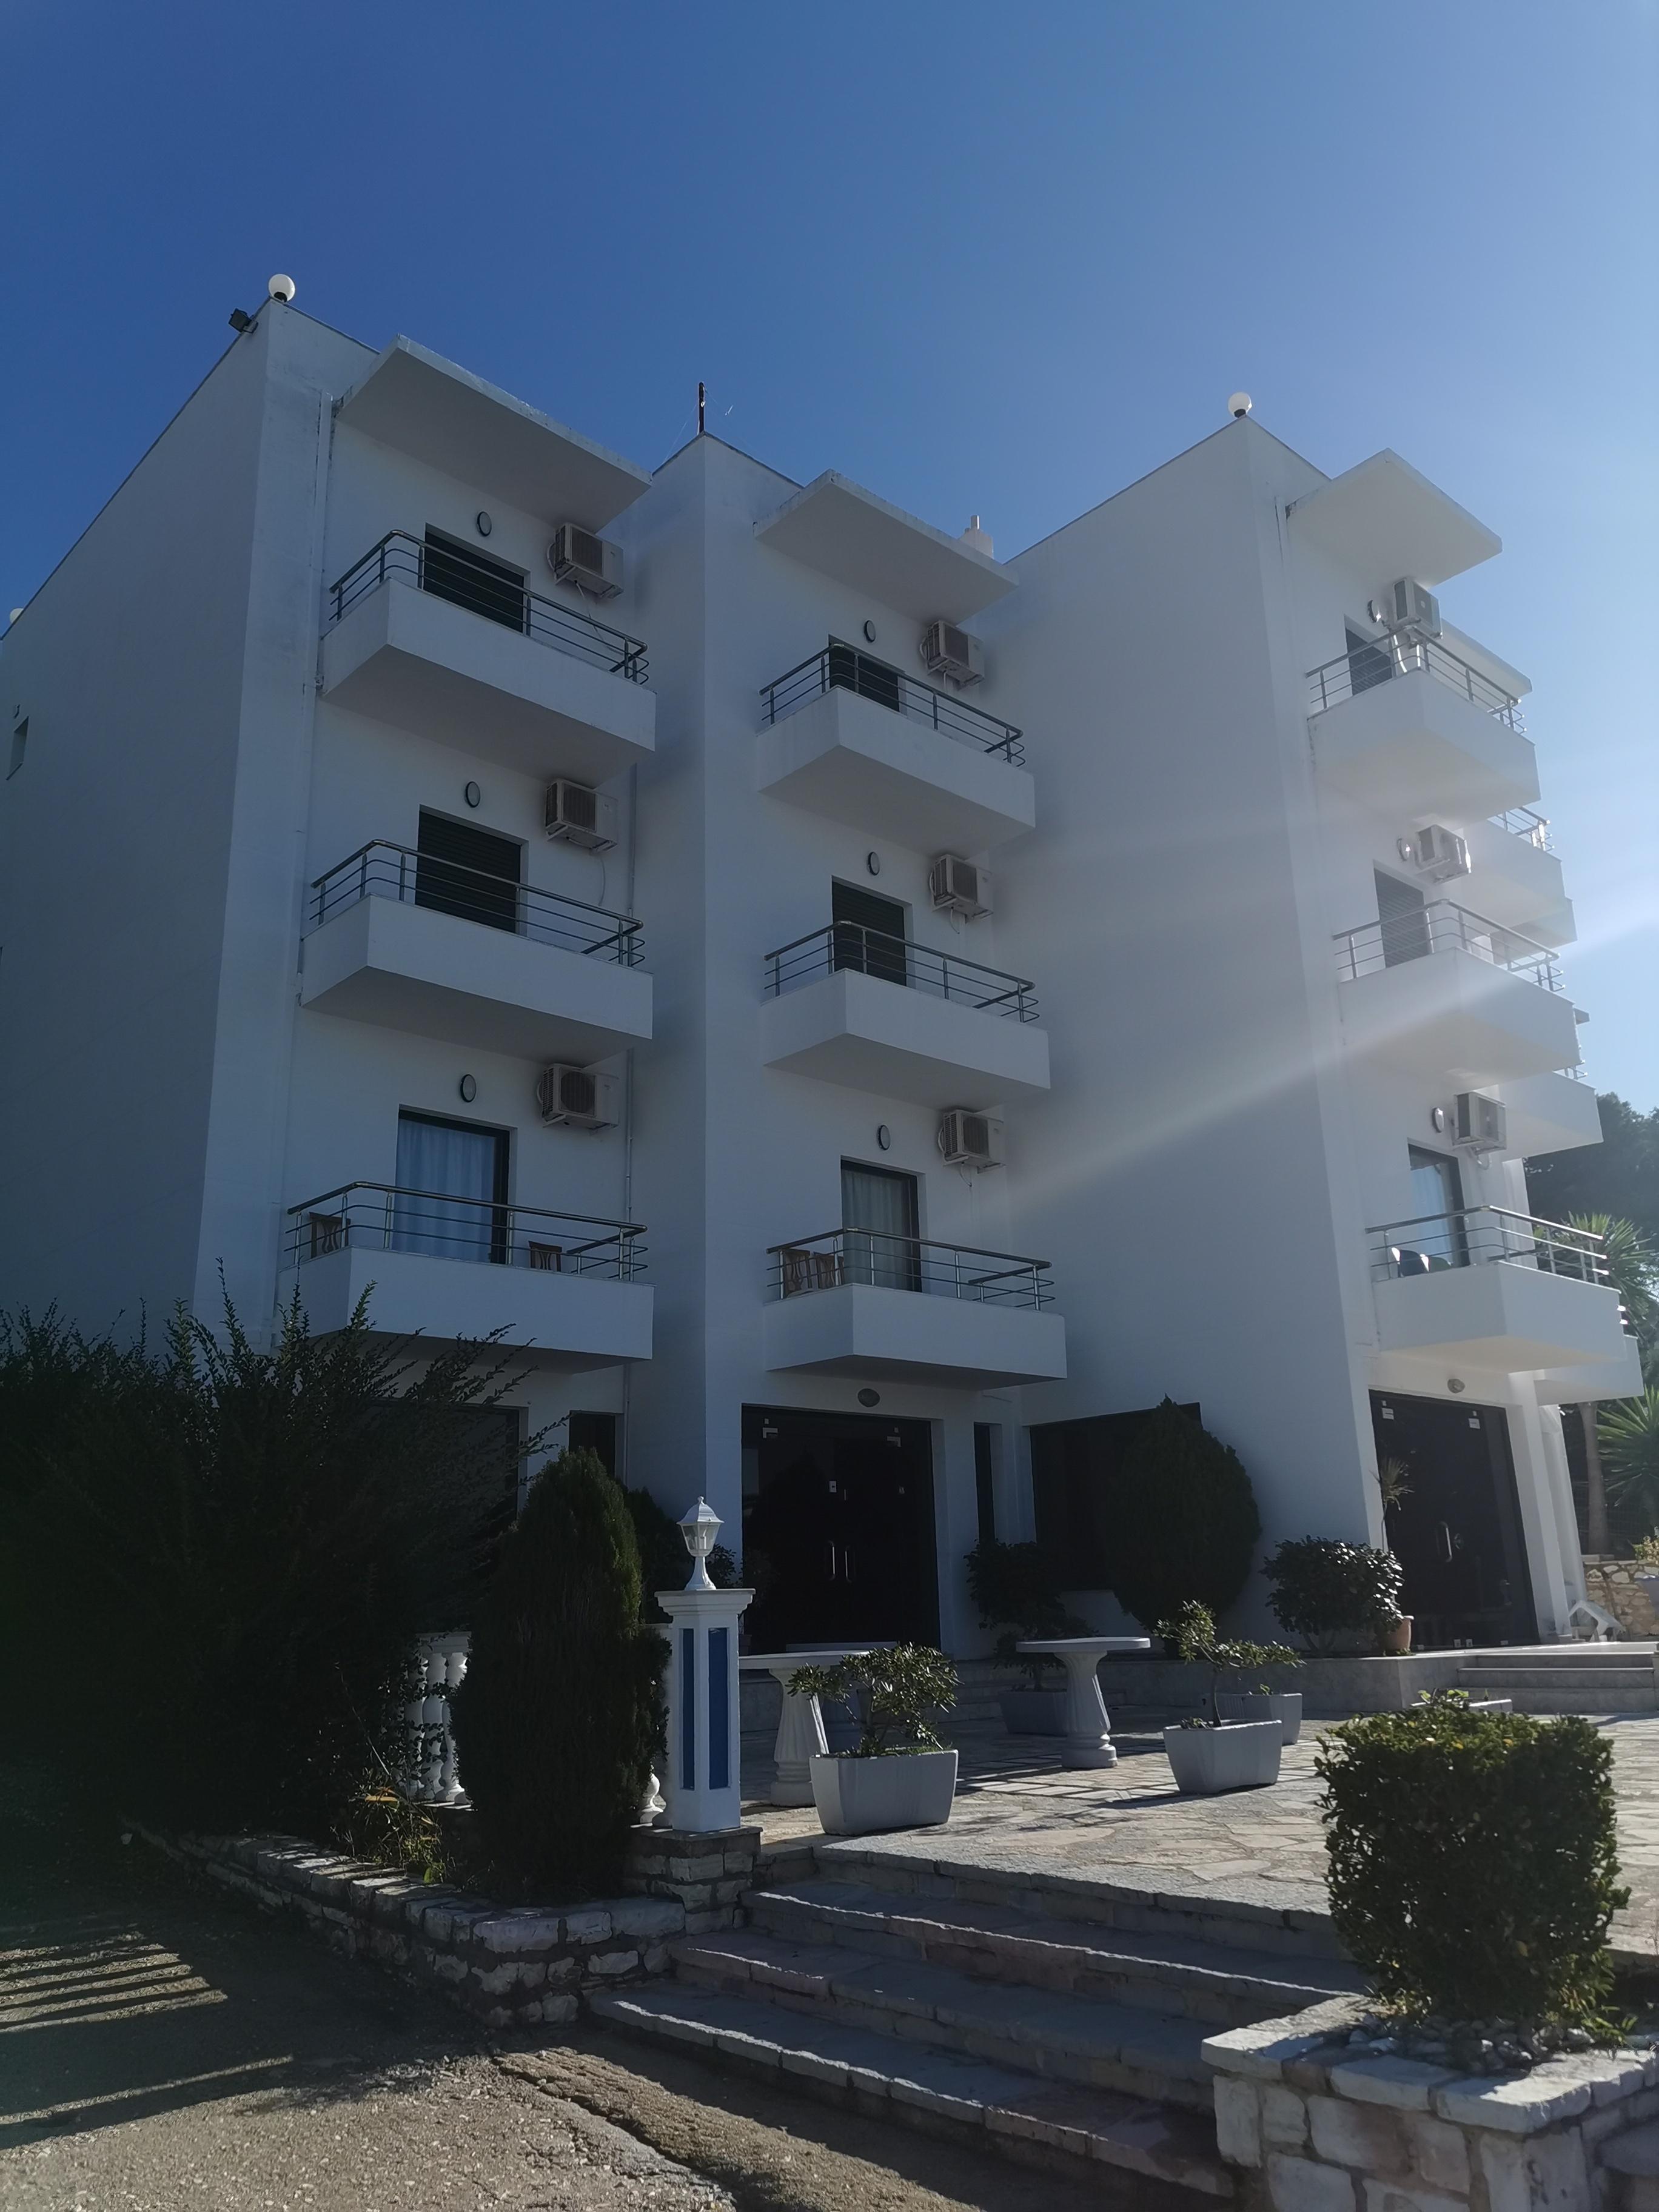 Letovanje Albanija hoteli, Saranda, autobus, Hotel Perla, pogled eksterijer